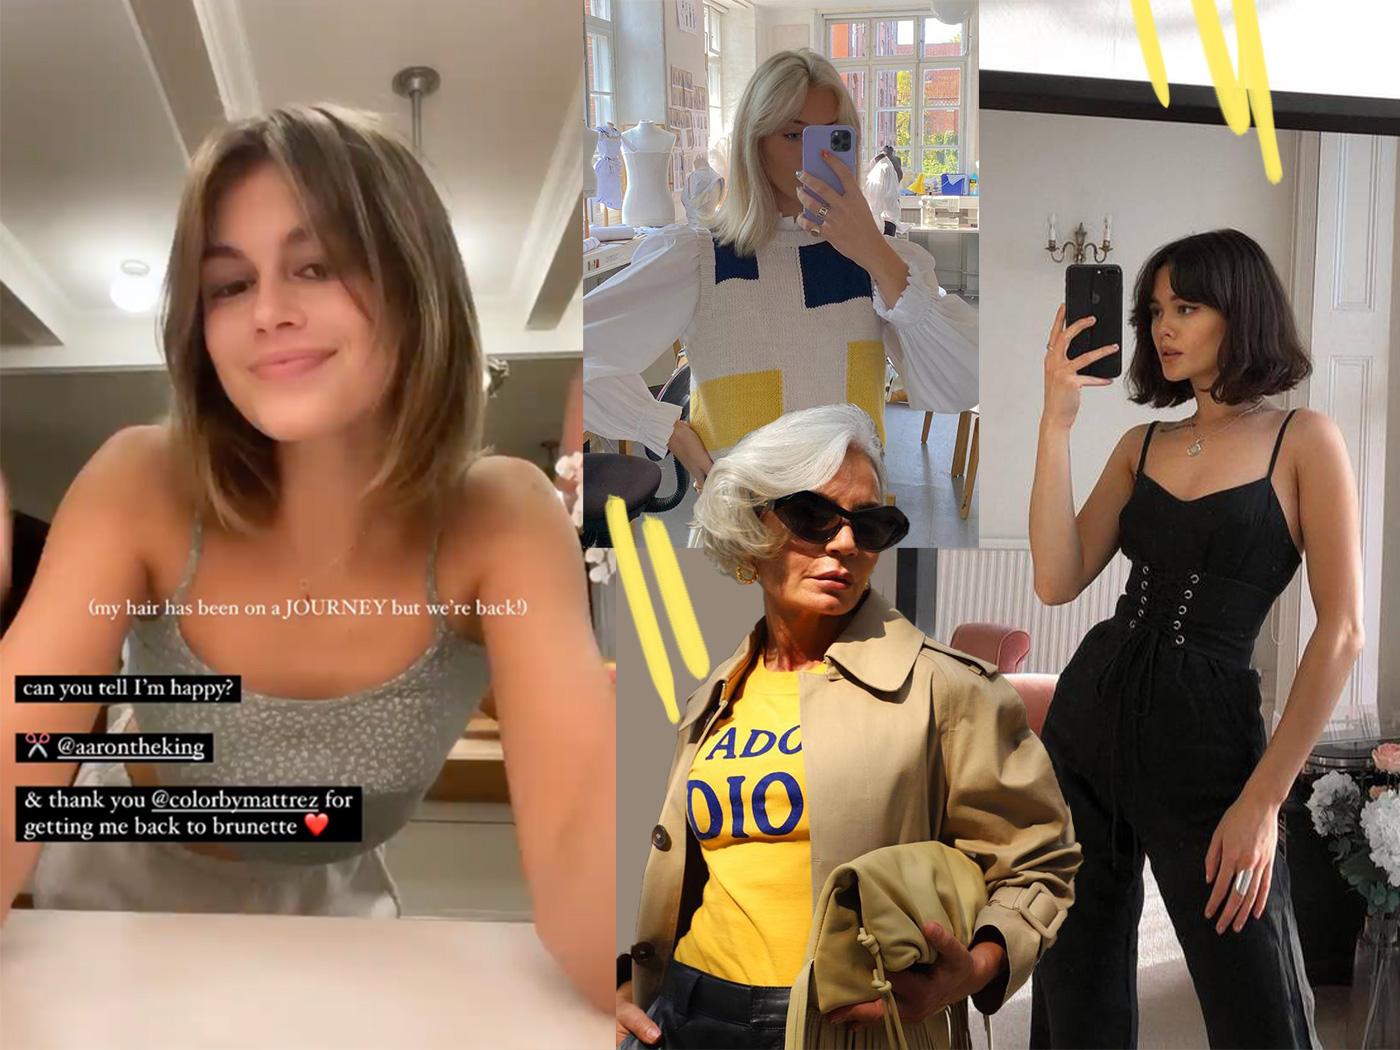 Μερικά από τα ωραιότερα καρέ του instagram με αφορμή το νέο κούρεμα της Kaia Gerber